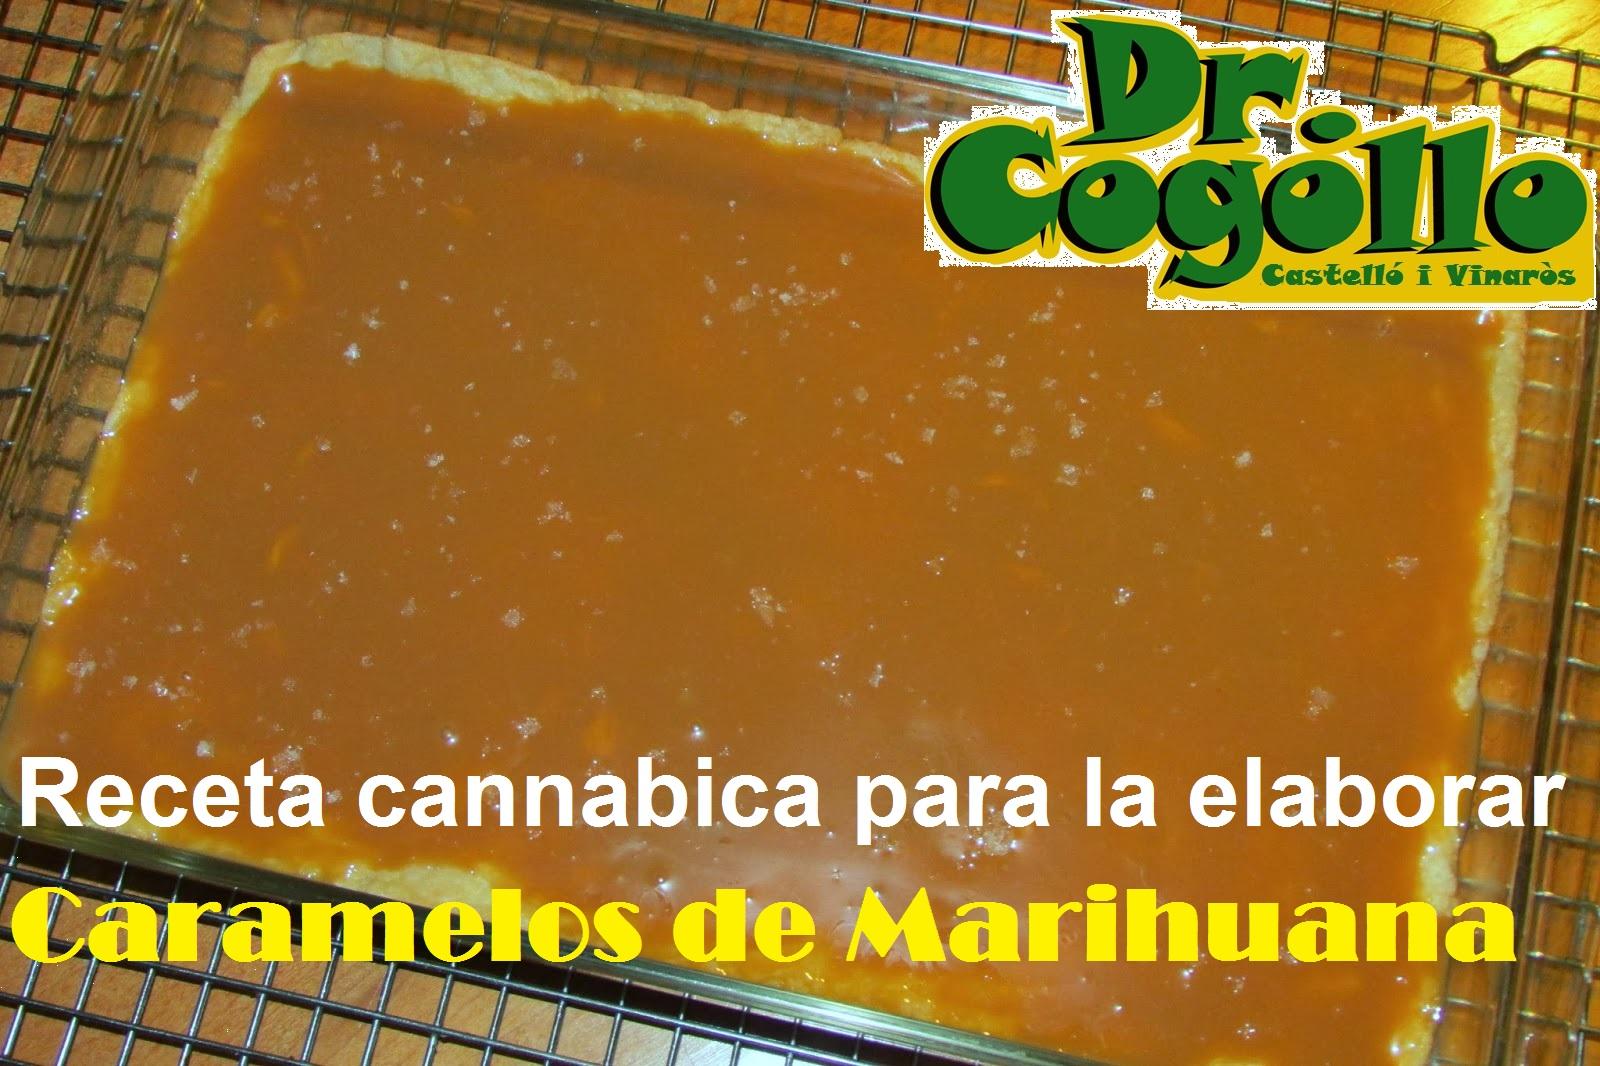 Bandeja con Caramelo de Cannabis para cortar